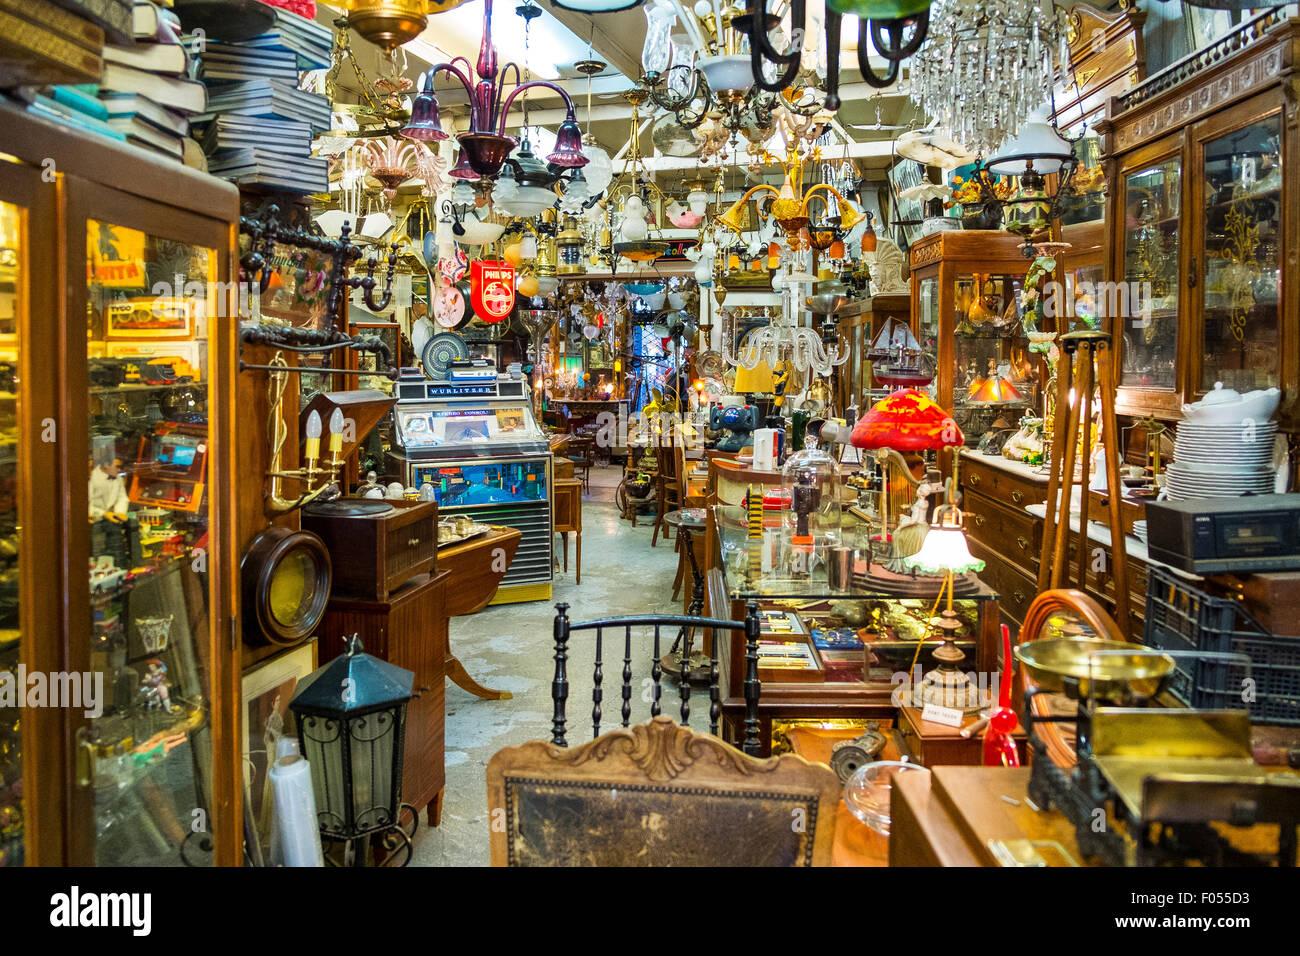 inneren Junk-Antik Trödel Sammler Shop Sammlerstücke Antiquitäten viel Zeug vollgestopft Stockbild